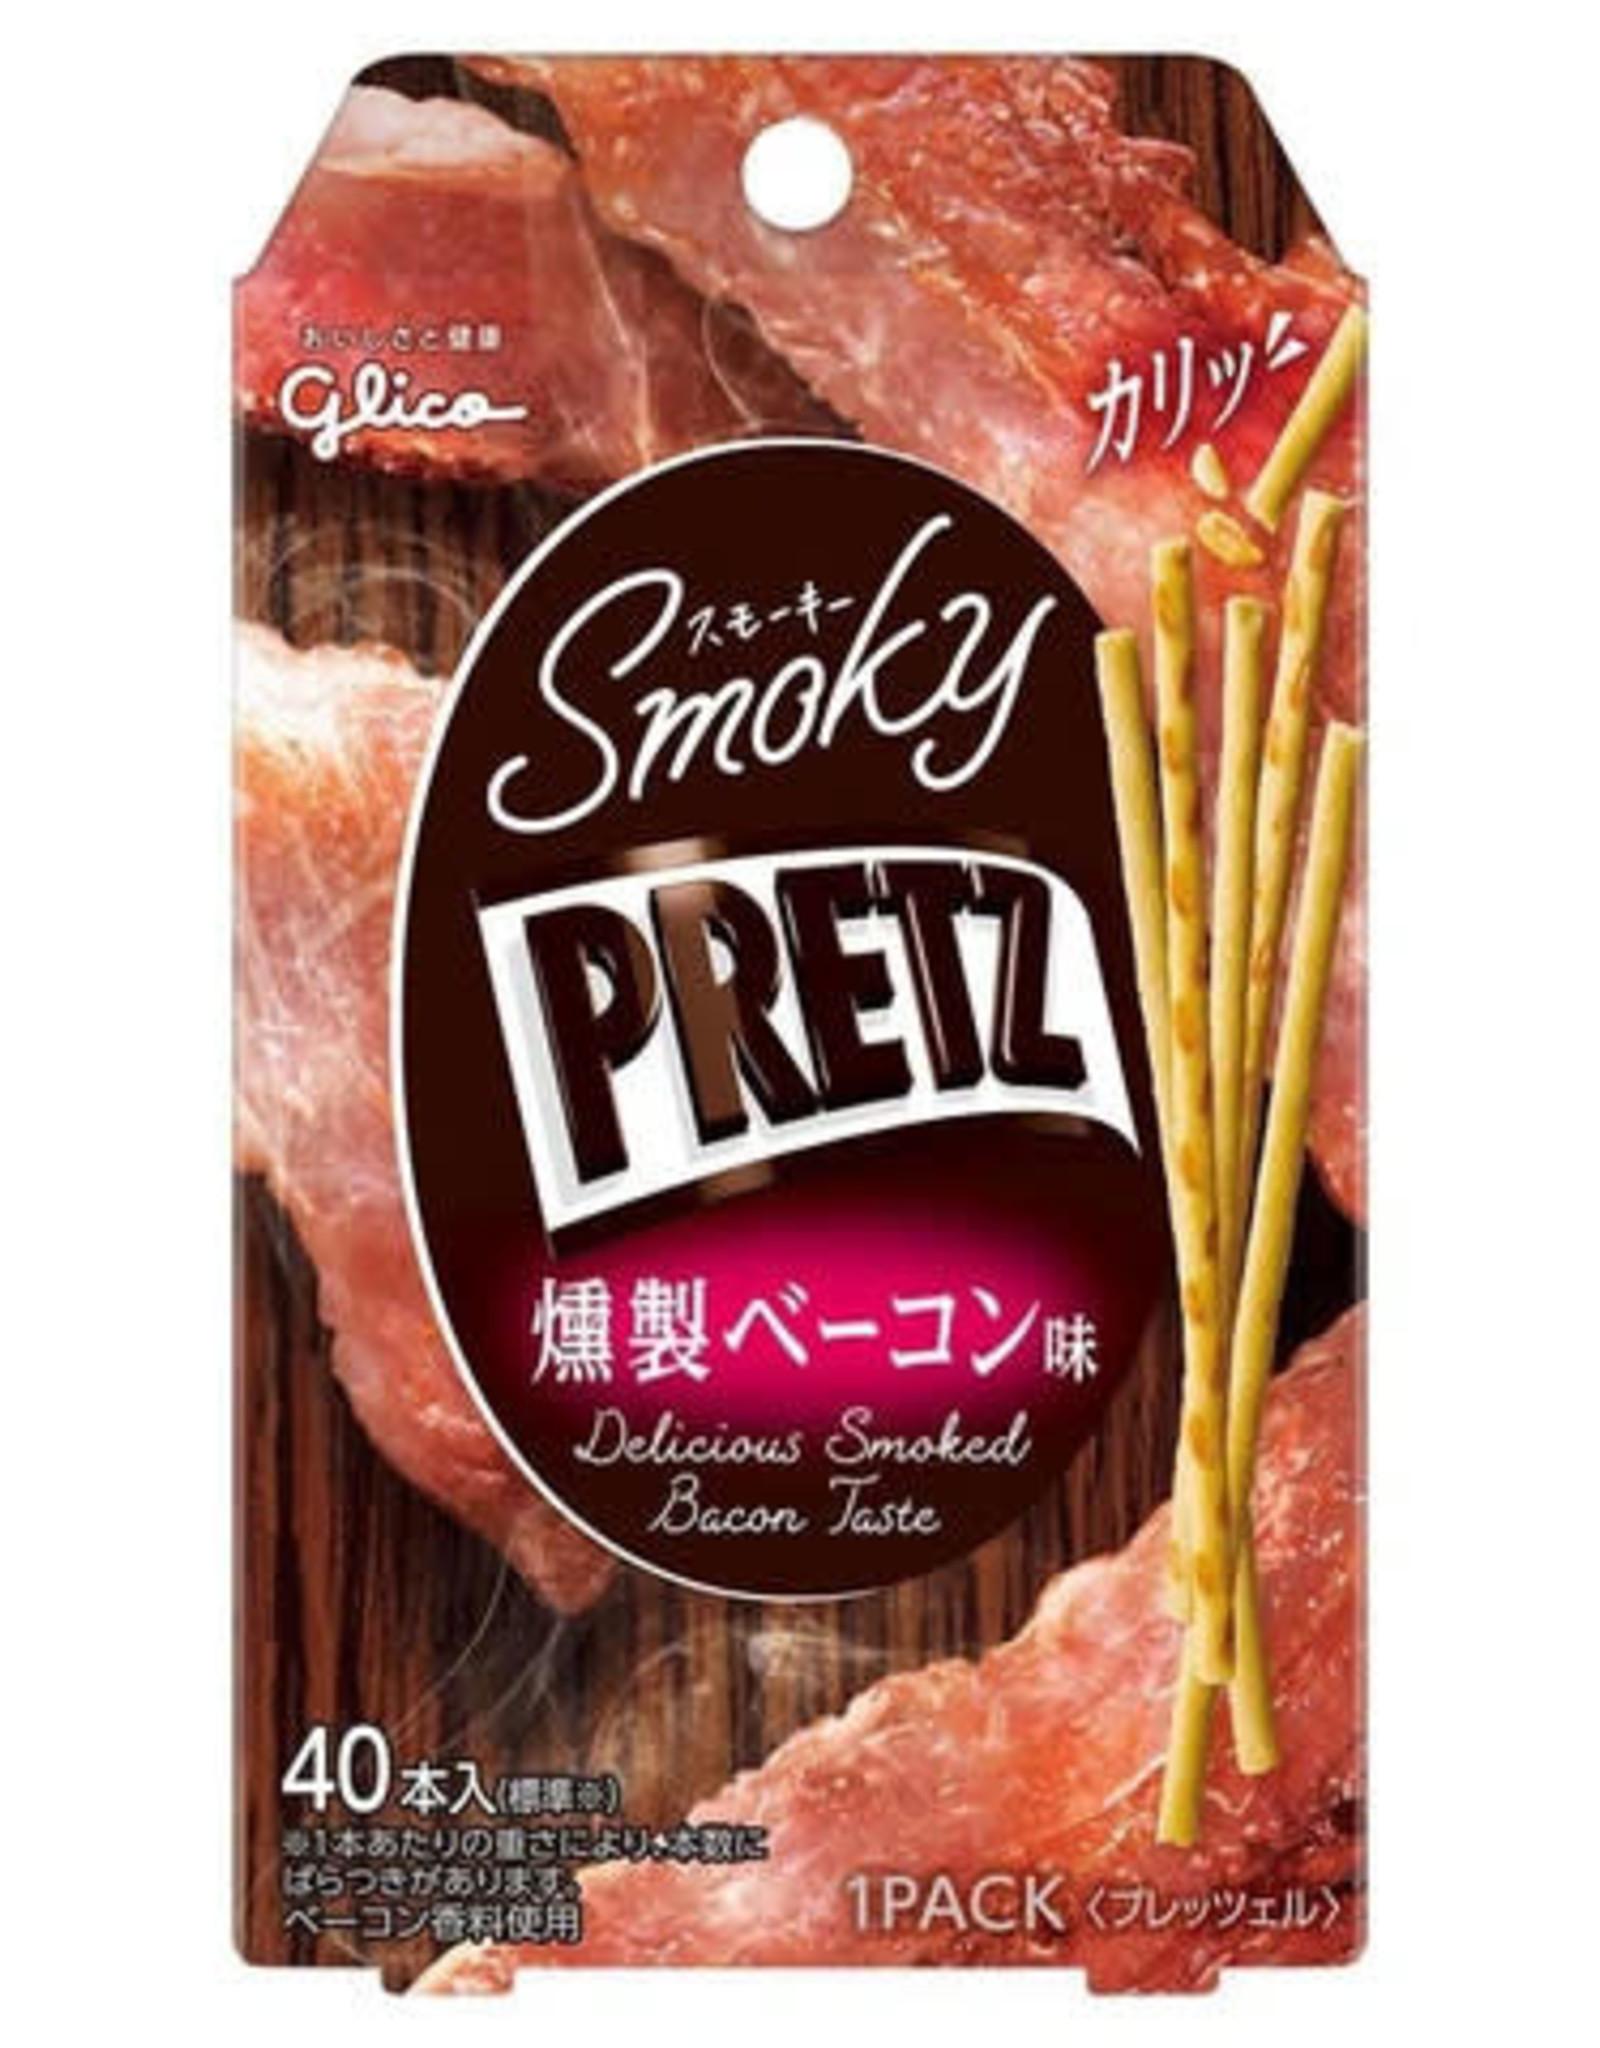 Pretz - Smoky Pretz - Delicious Smoked Bacon Taste - 24g